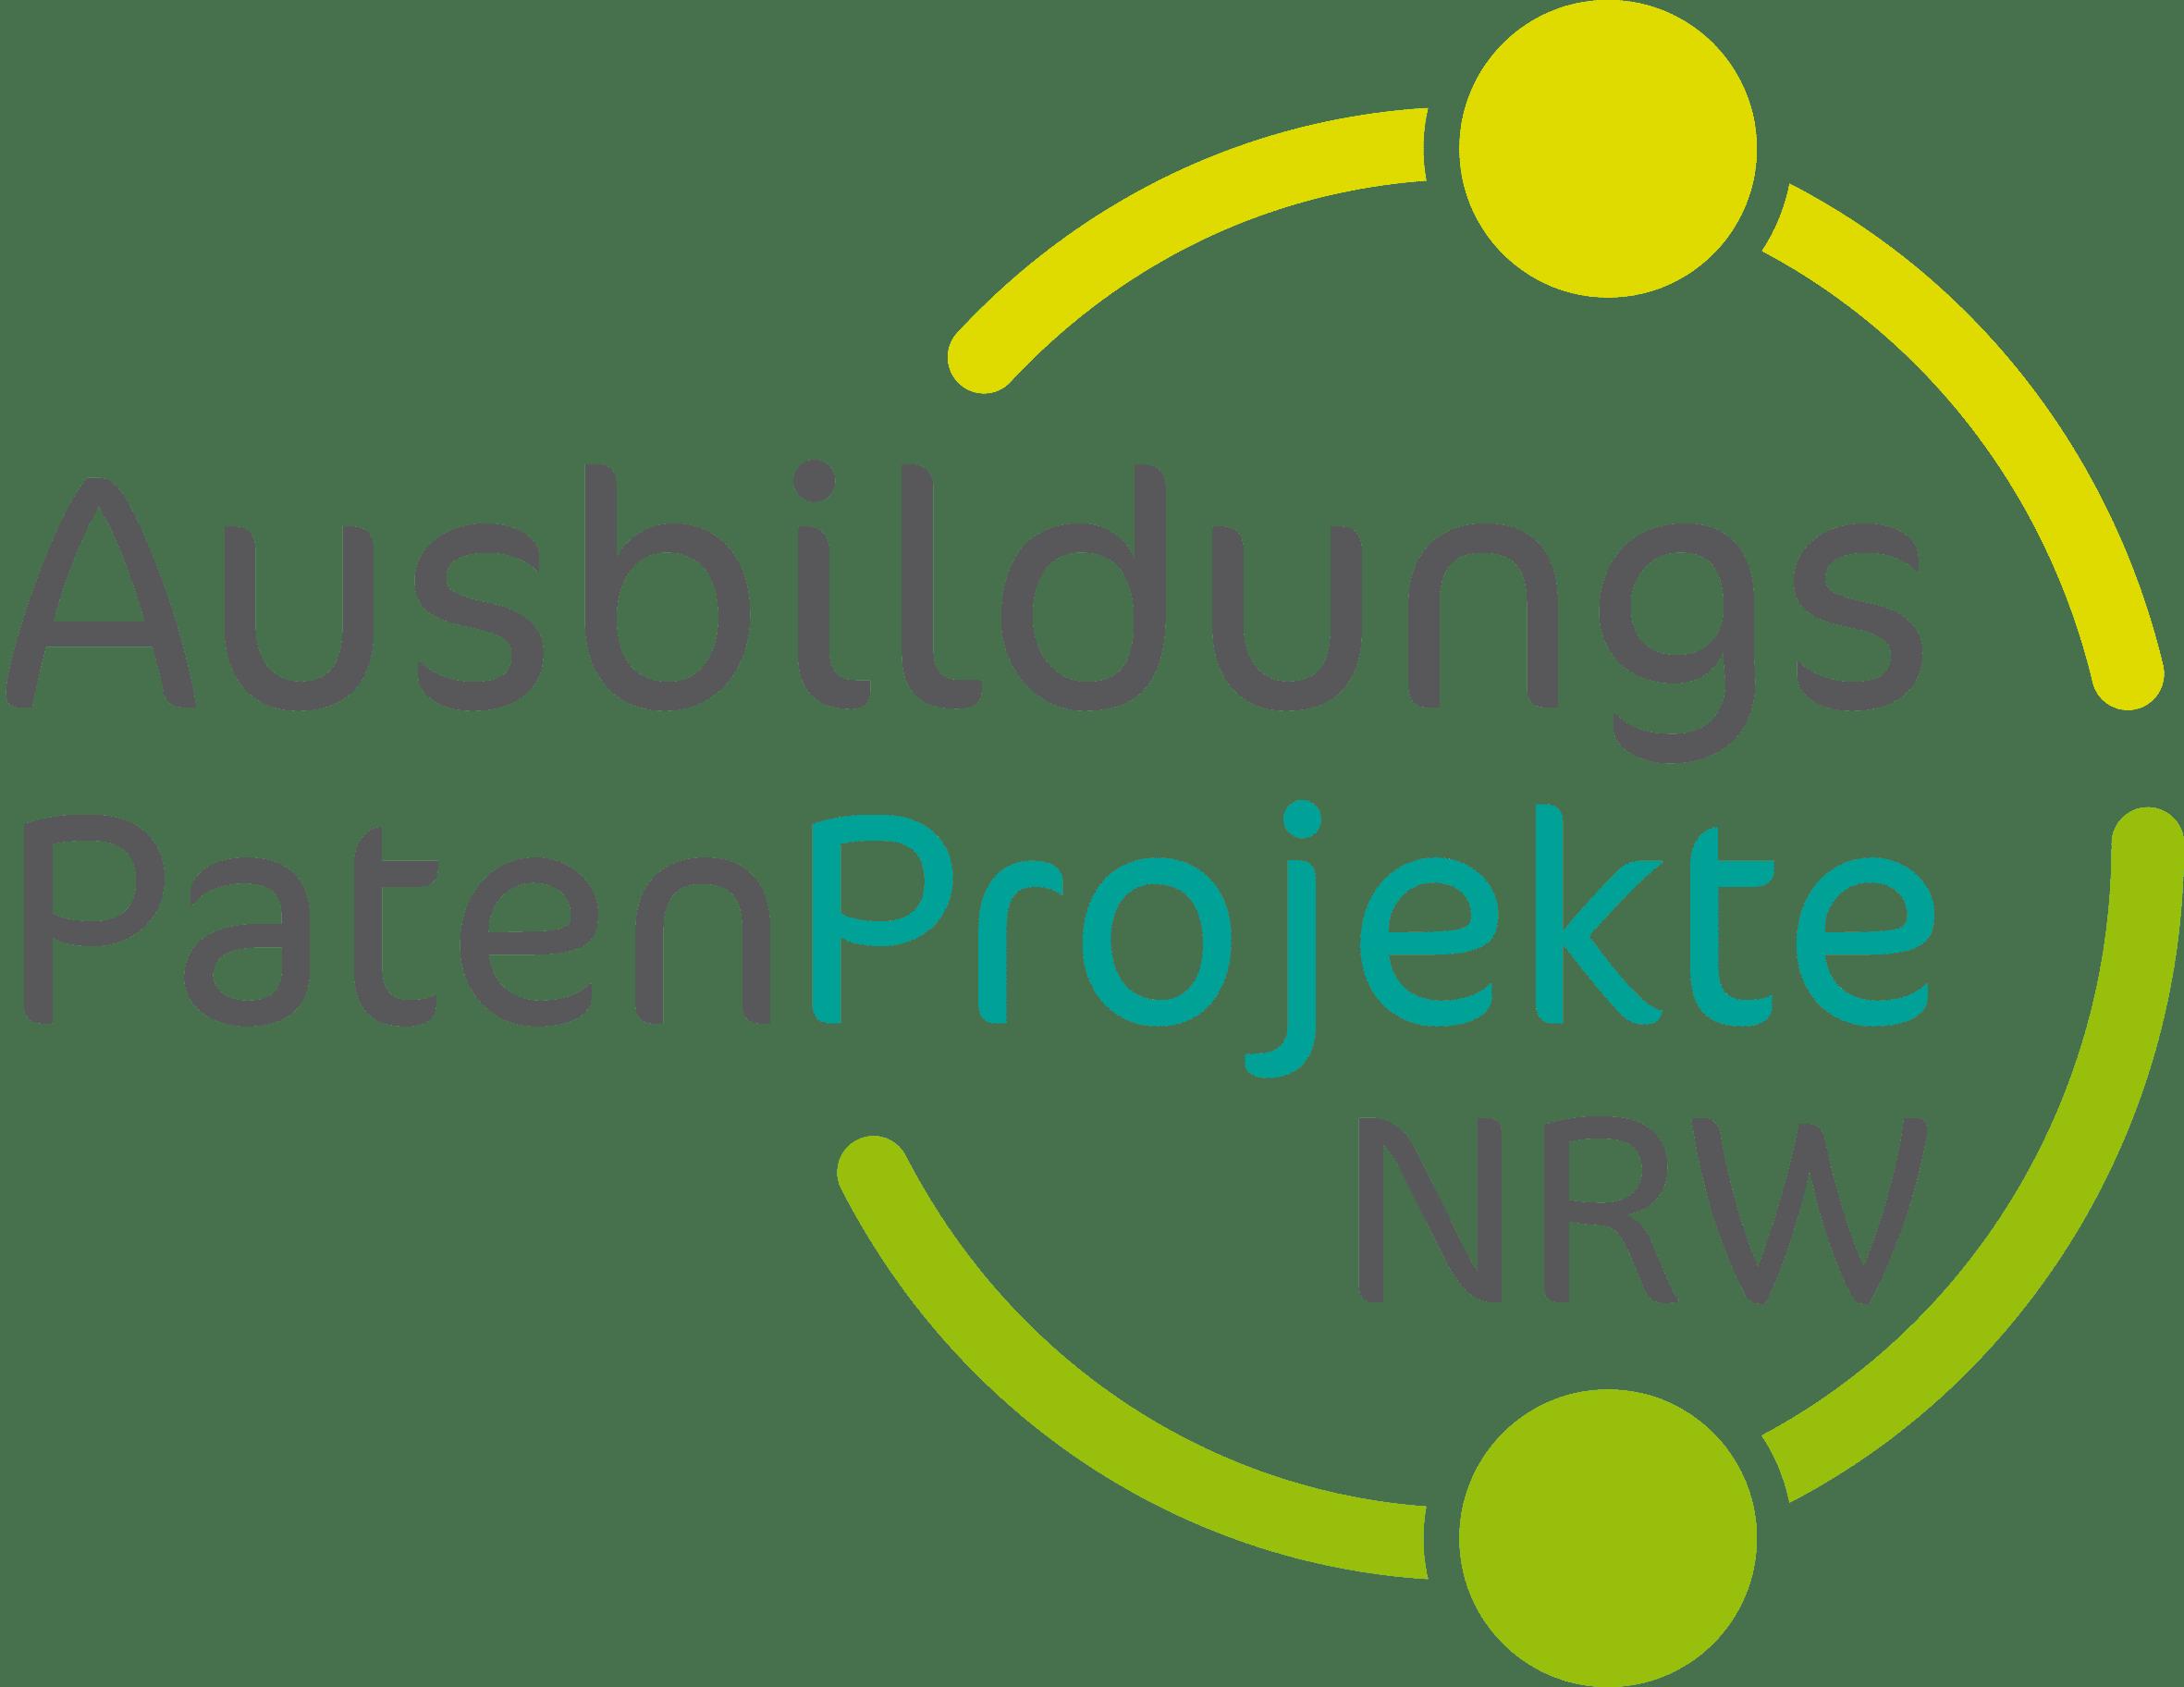 logo koordinierungsstelle ausbildungspatenprojekte nrw